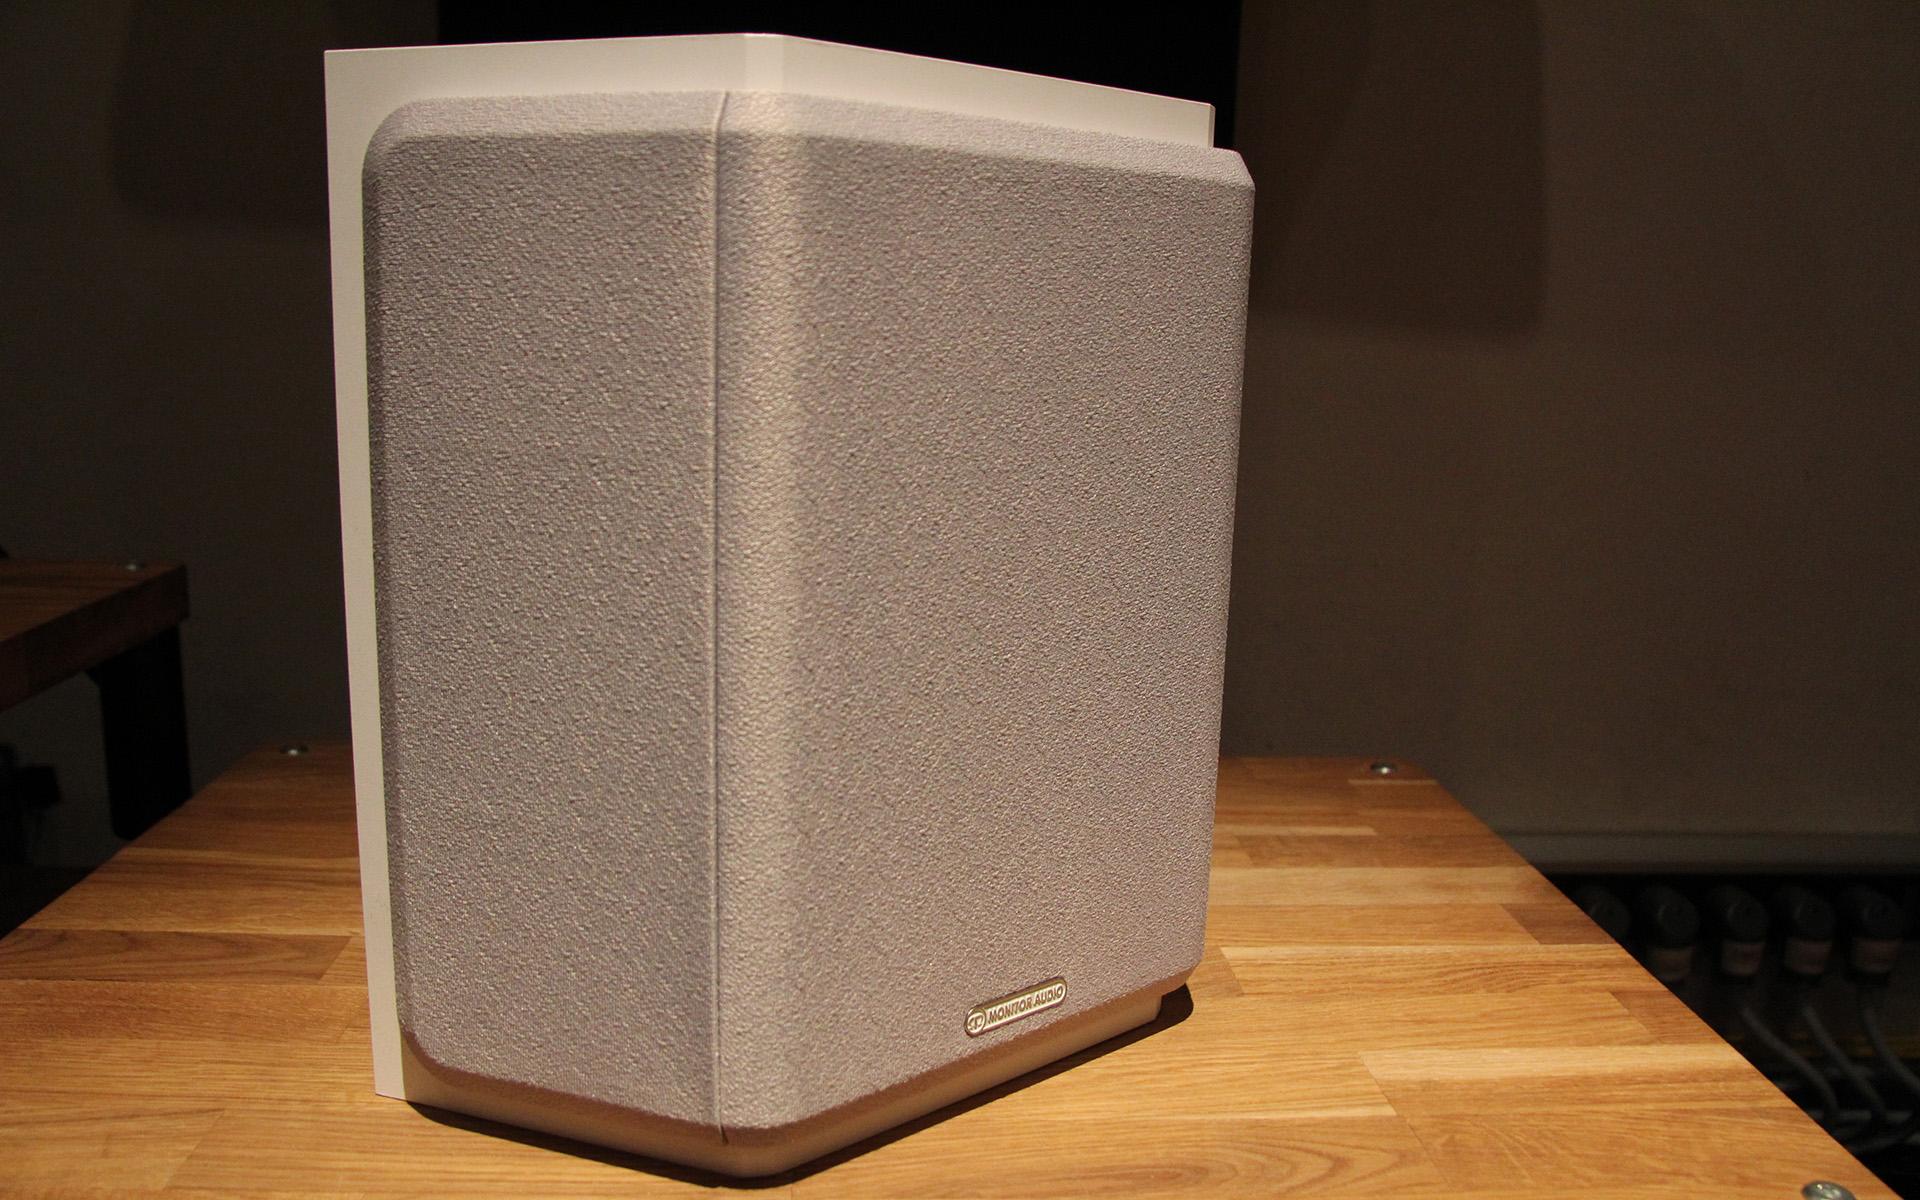 Шестое поколение акустических систем Monitor Audio Bronze – первые фотографии